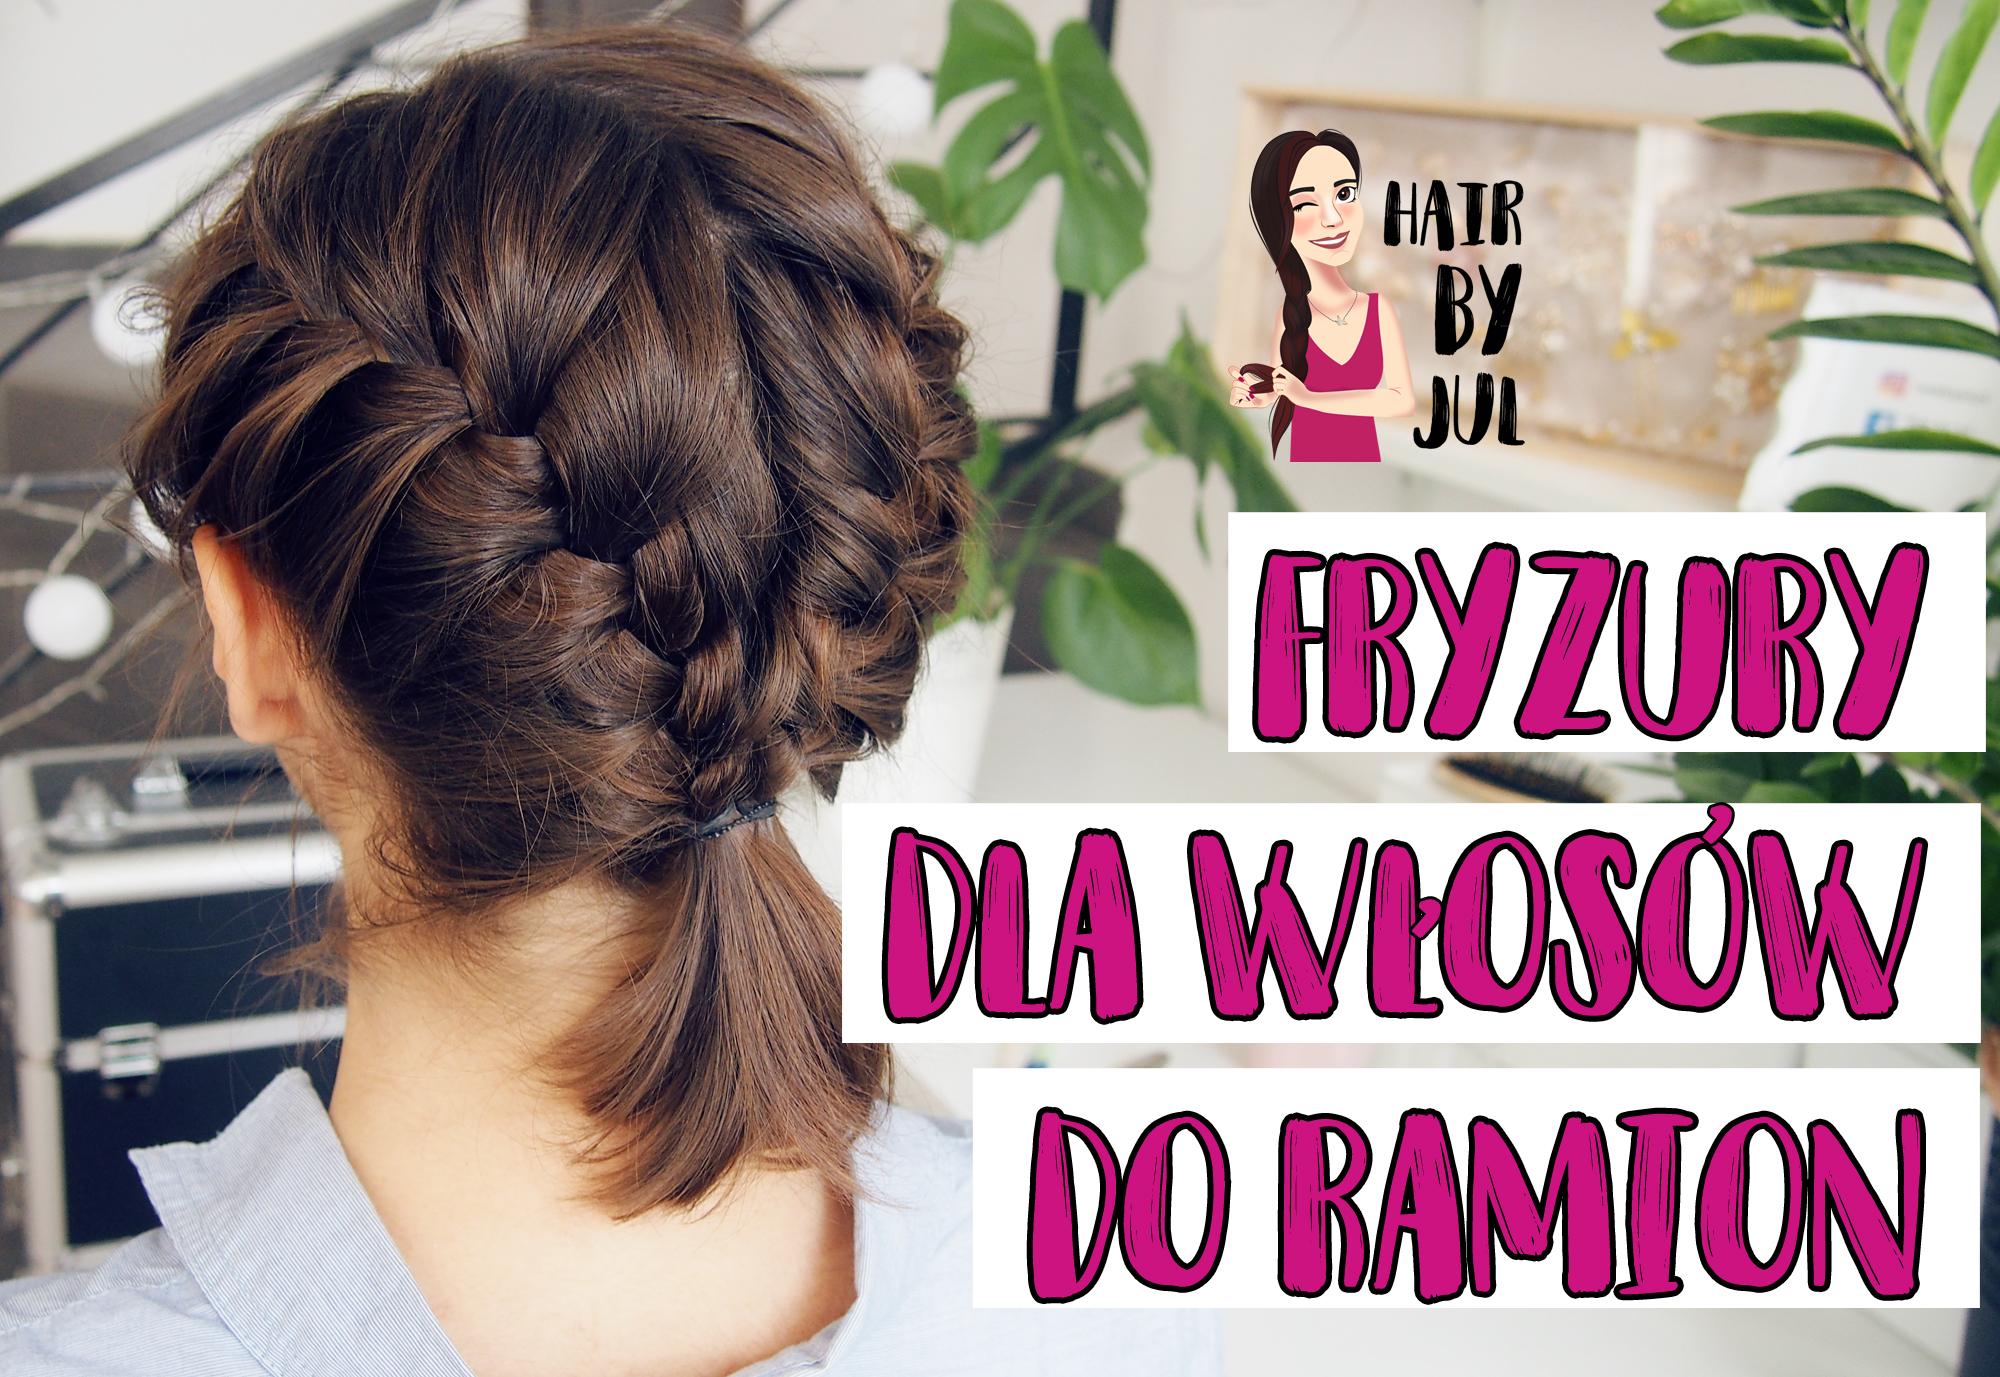 4 Fryzury Z Warkoczami Dla Wlosow Do Ramion Hair By Jul Fryzury